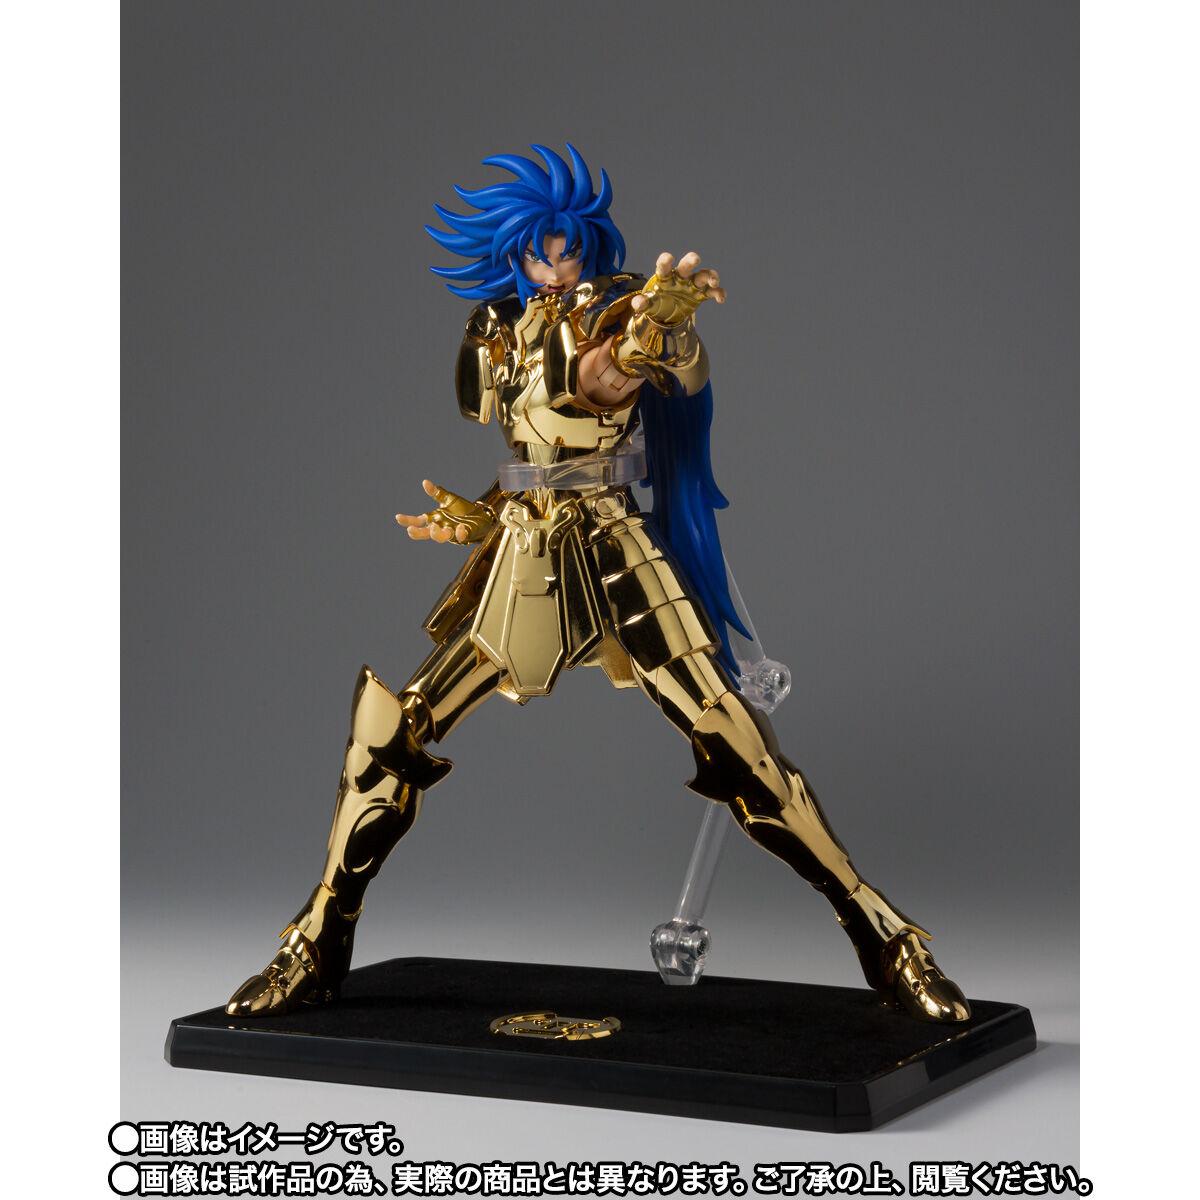 【限定販売】聖闘士聖衣神話EX『ジェミニ サガ GOLD24』聖闘士星矢 可動フィギュア-004